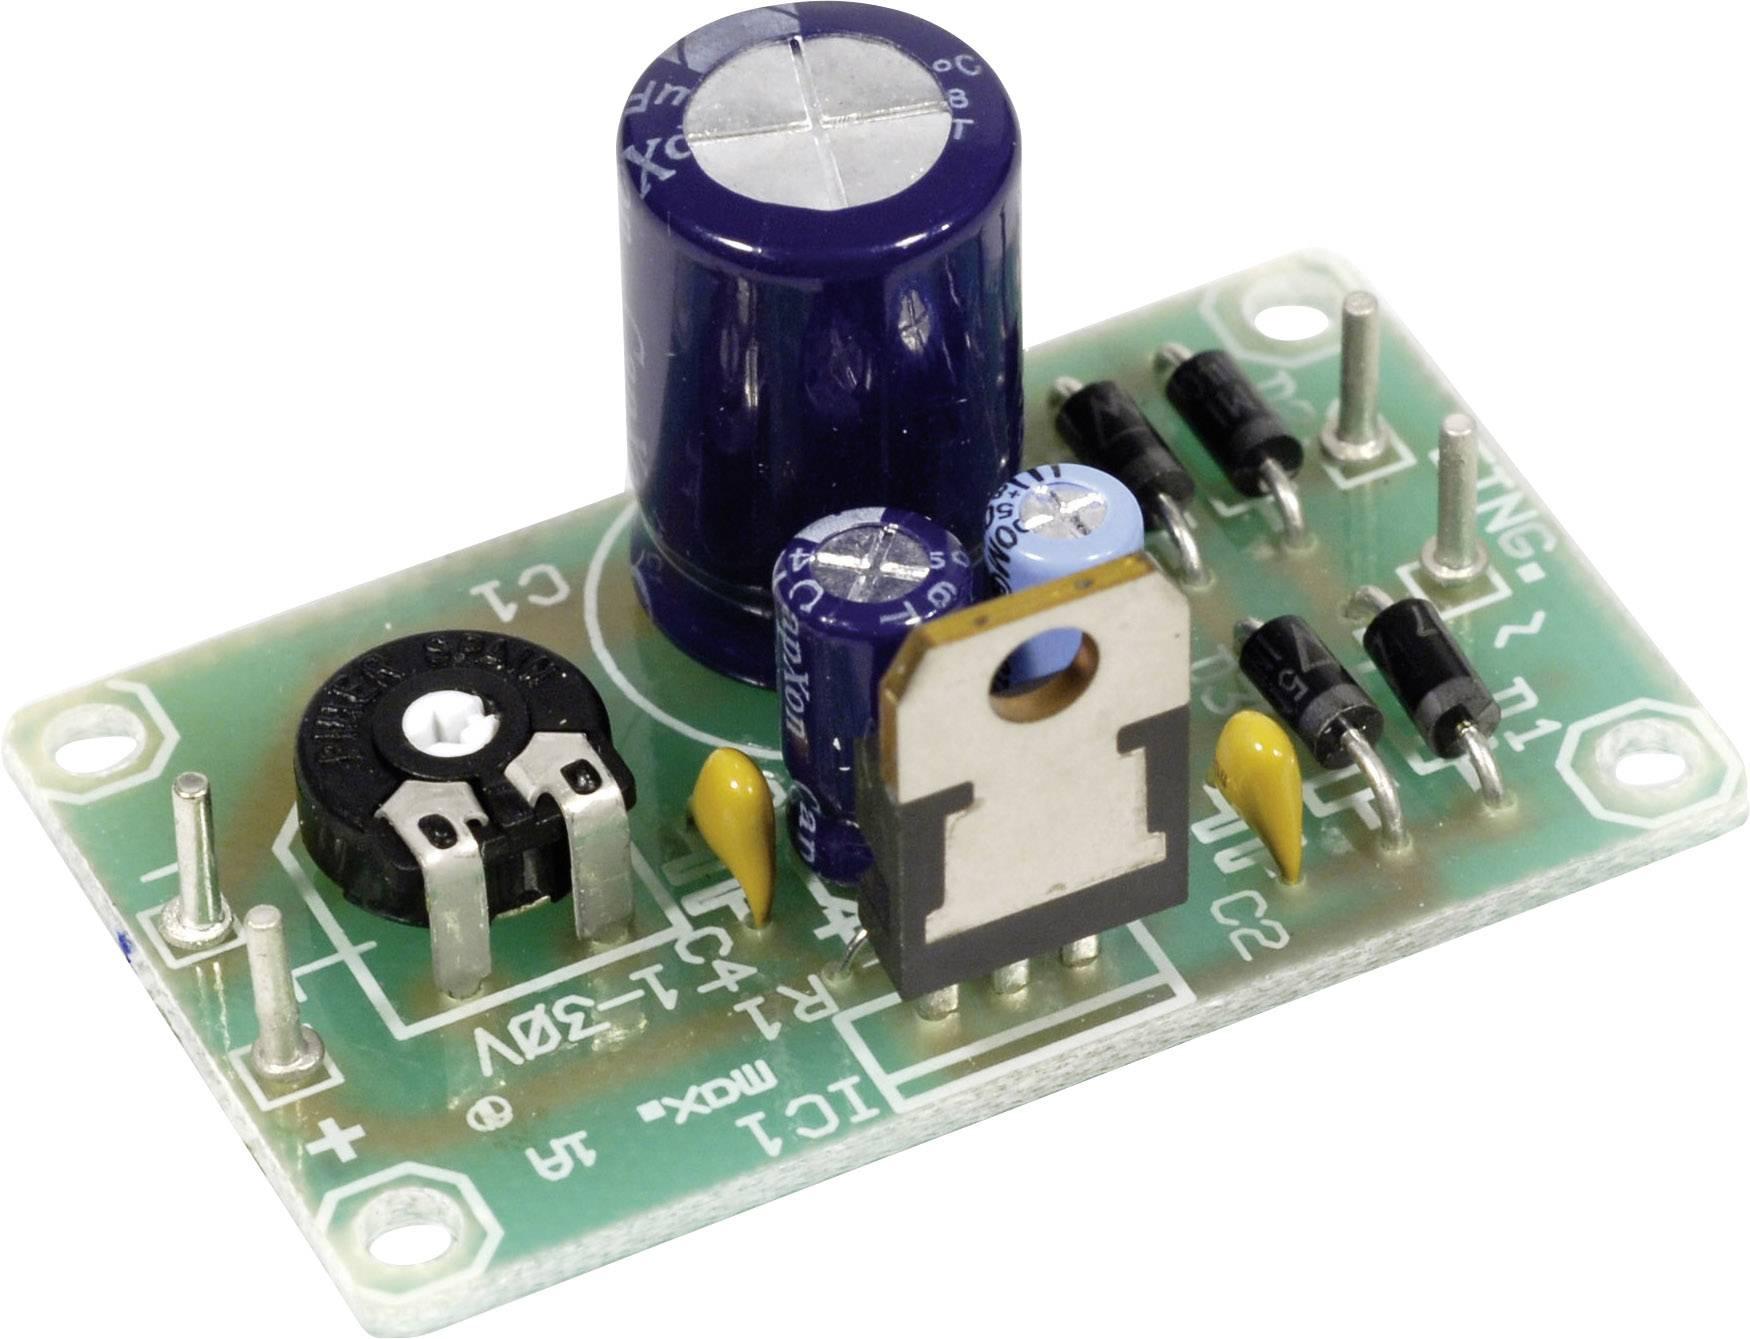 Modul napěťového regulátoru pro LM317-T, 1,2 - 32 V/DC, hotový výrobek